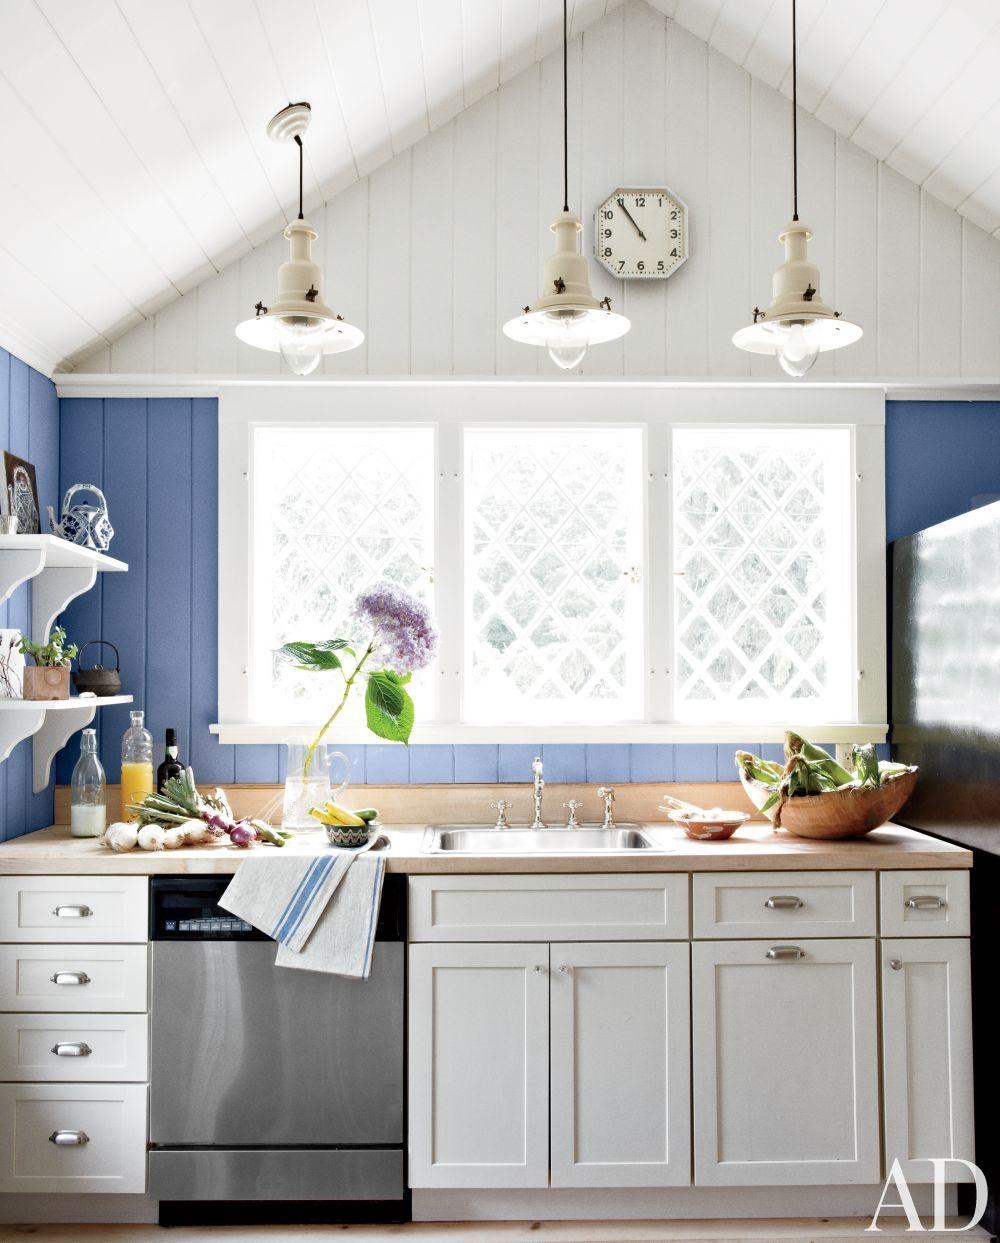 Idée cuisine style bord de mer   Hamptons at Le Touquet   Pinterest